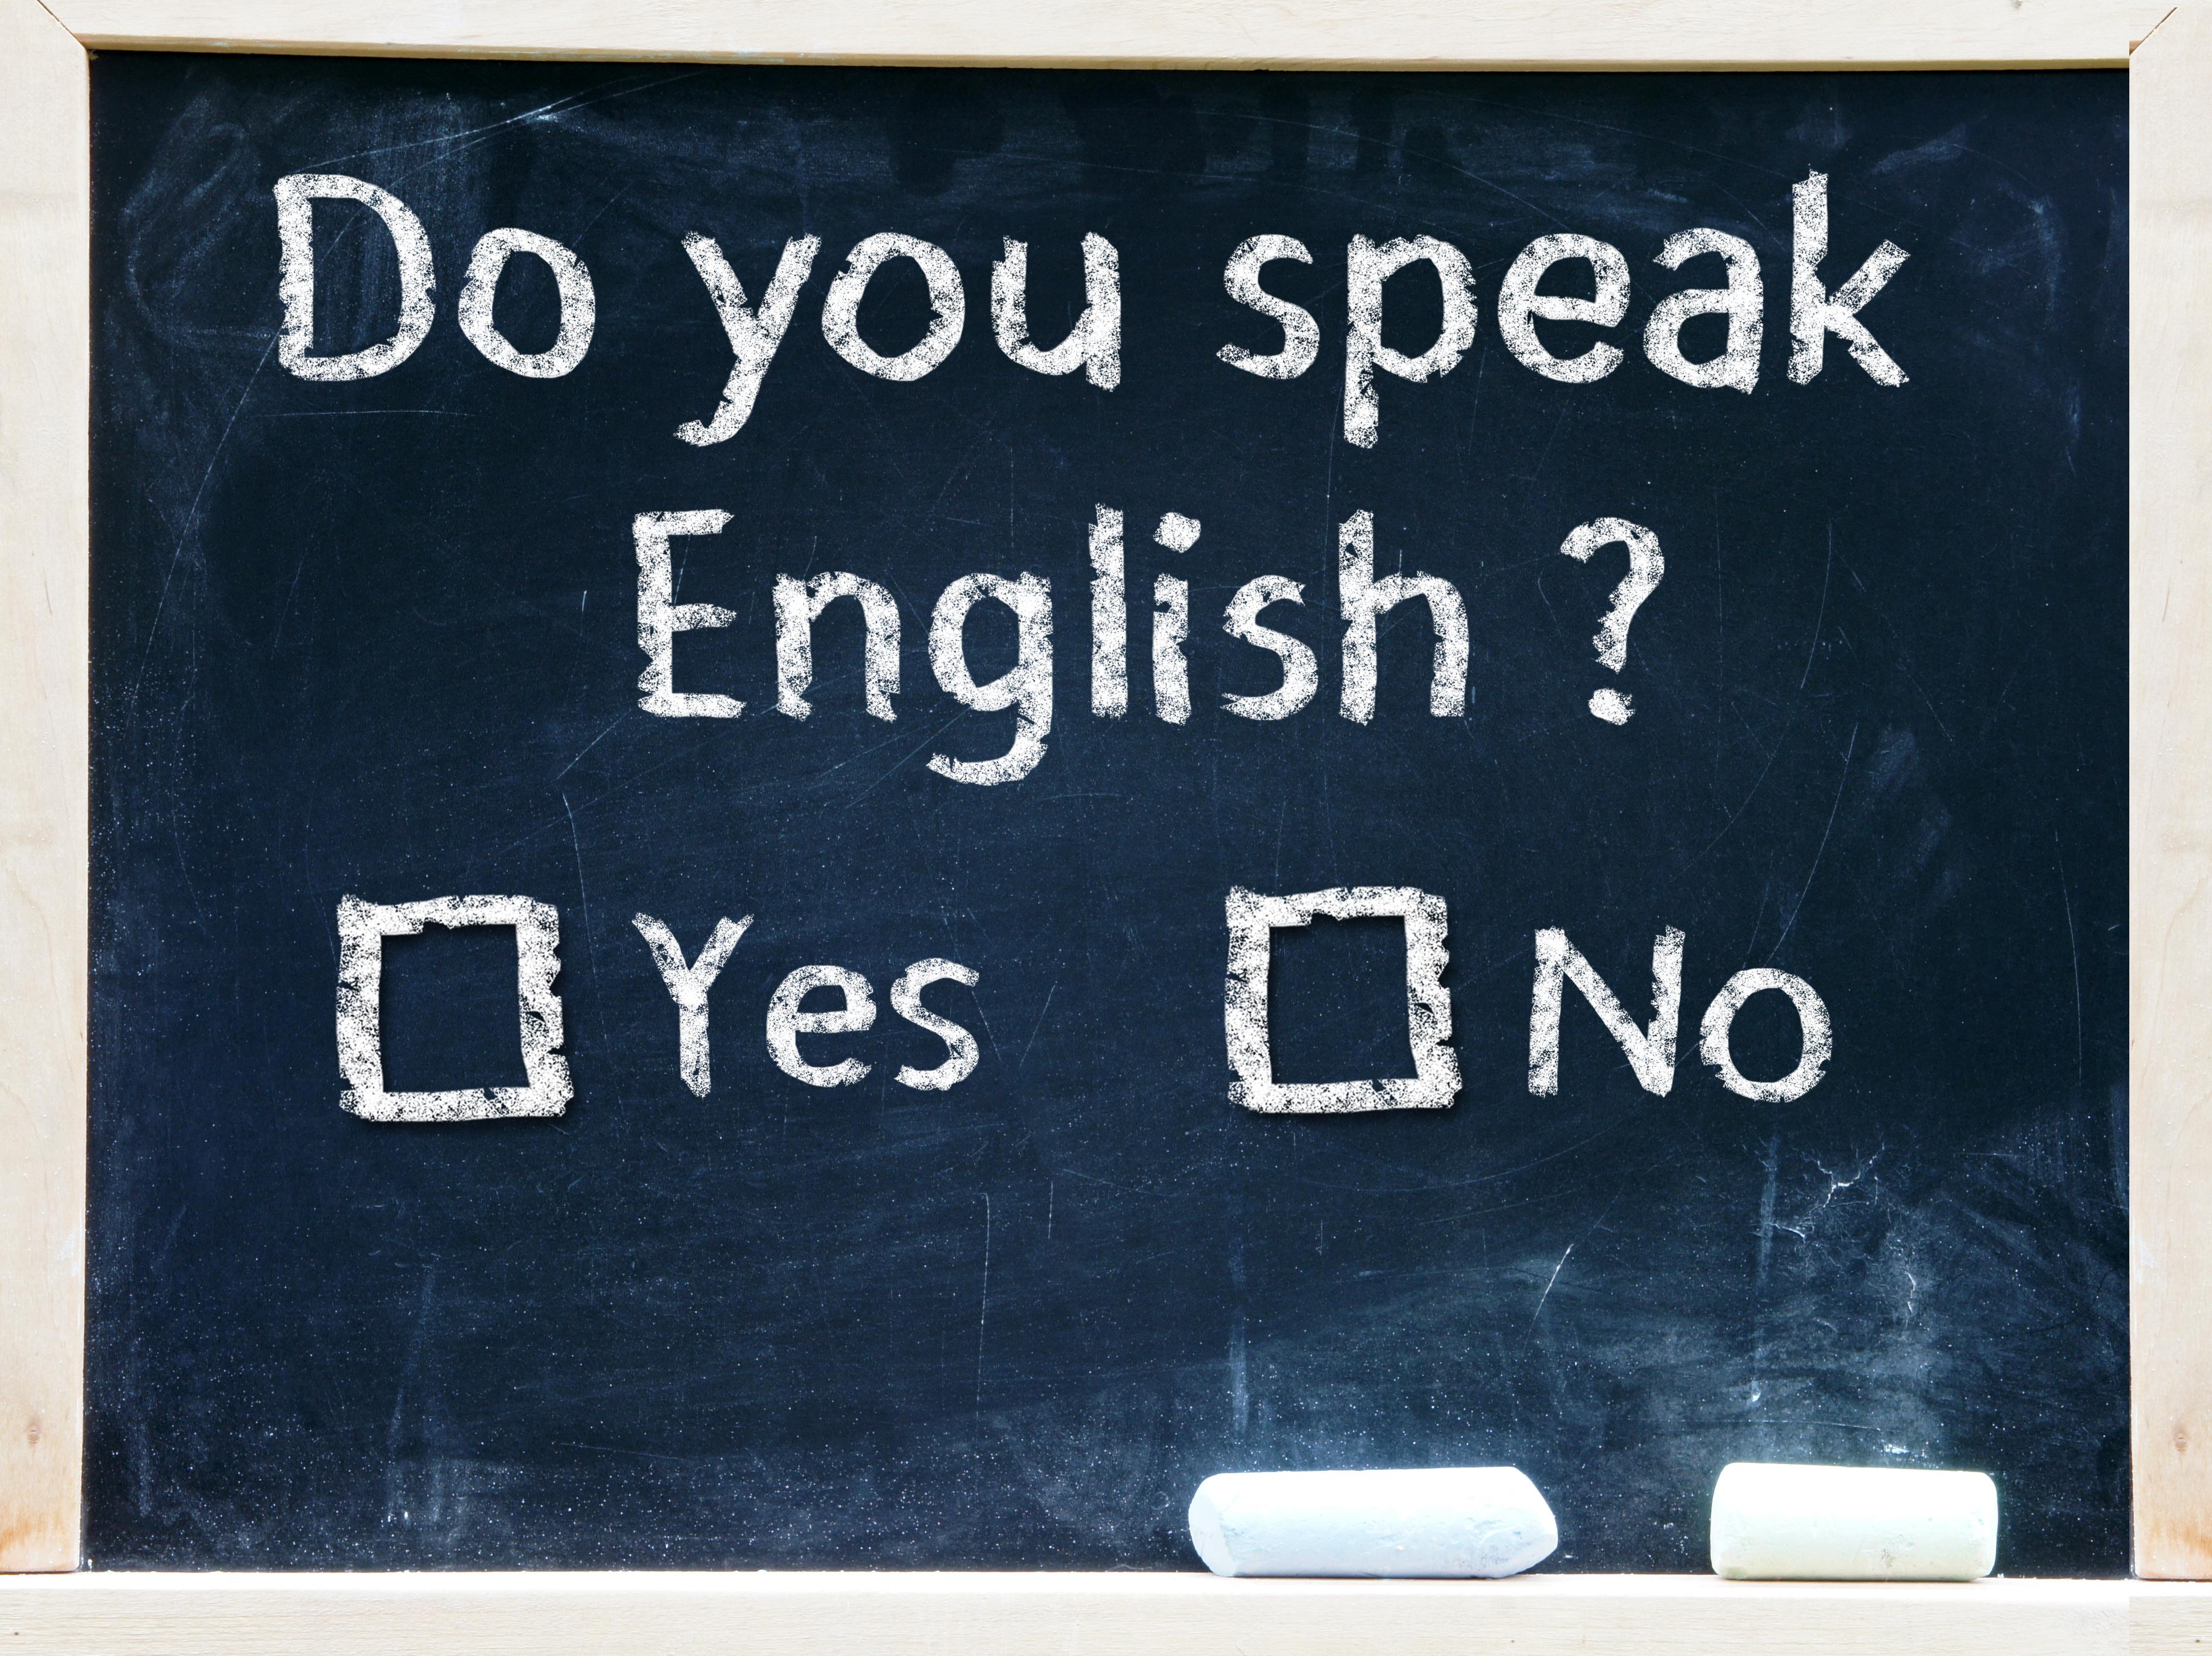 ЗНО 2015: Определены результаты теста по английскому языку